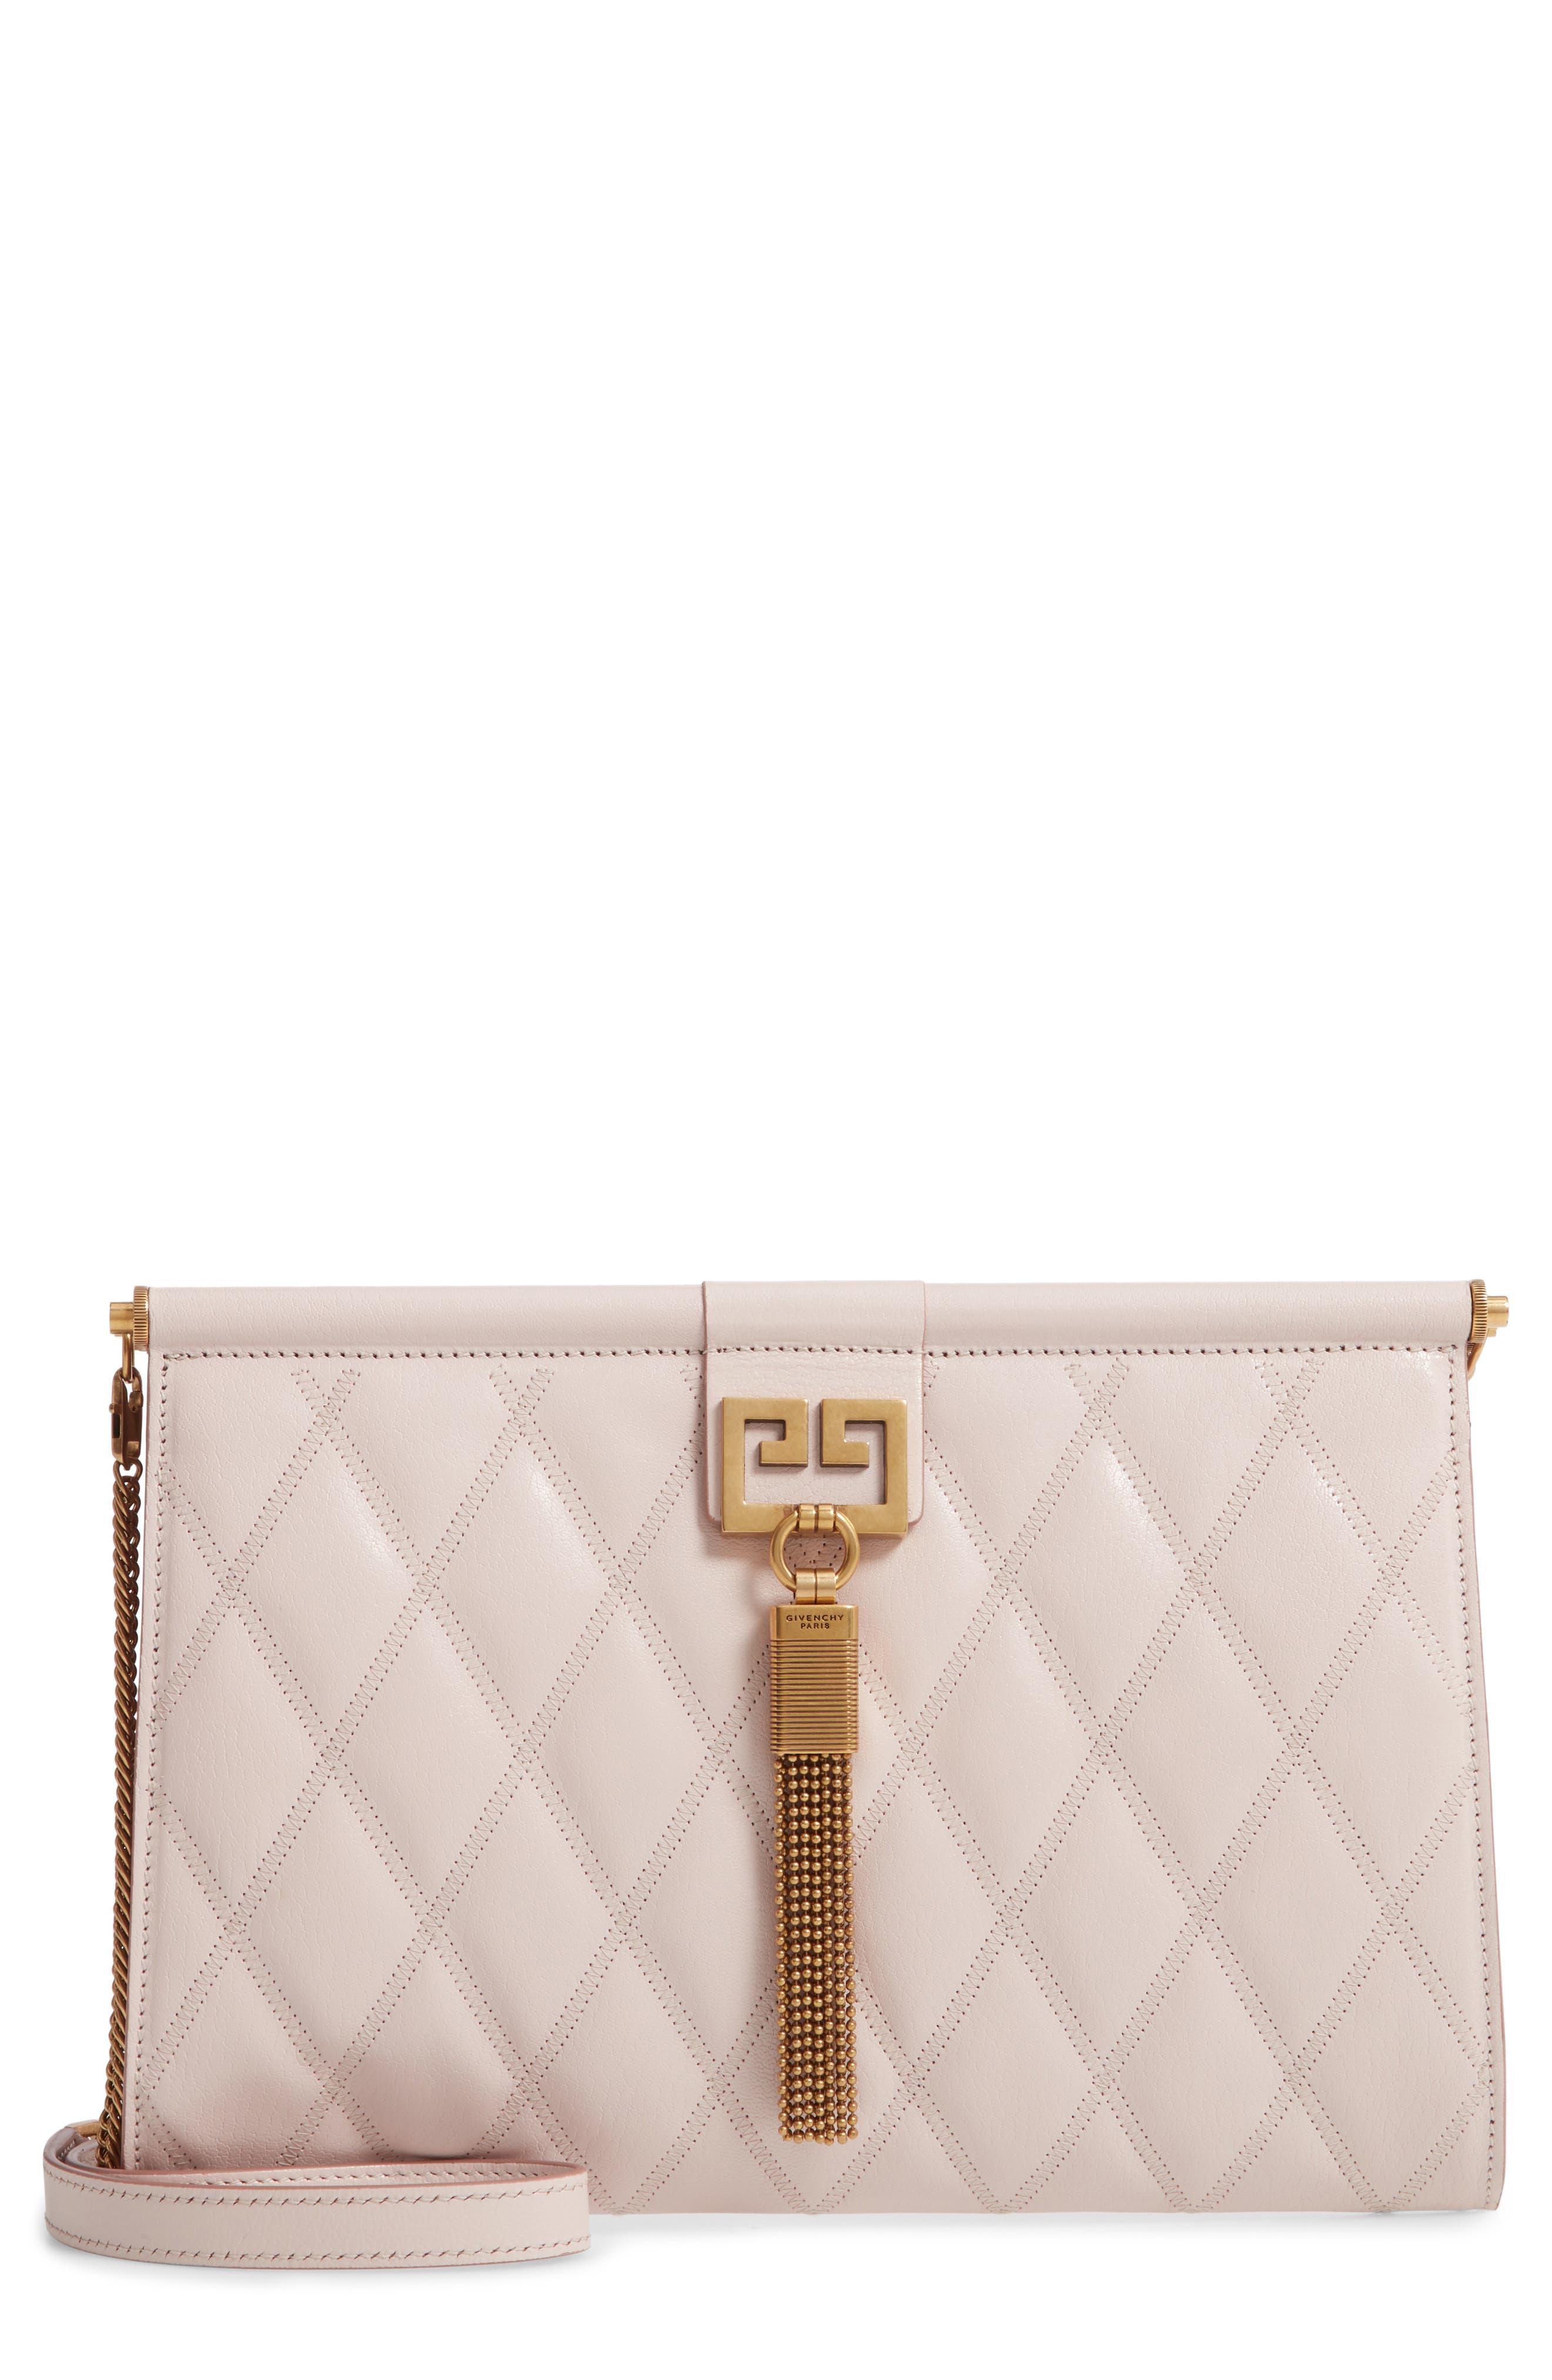 GIVENCHY Gem Quilted Leather Frame Shoulder Bag, Main, color, PALE PINK